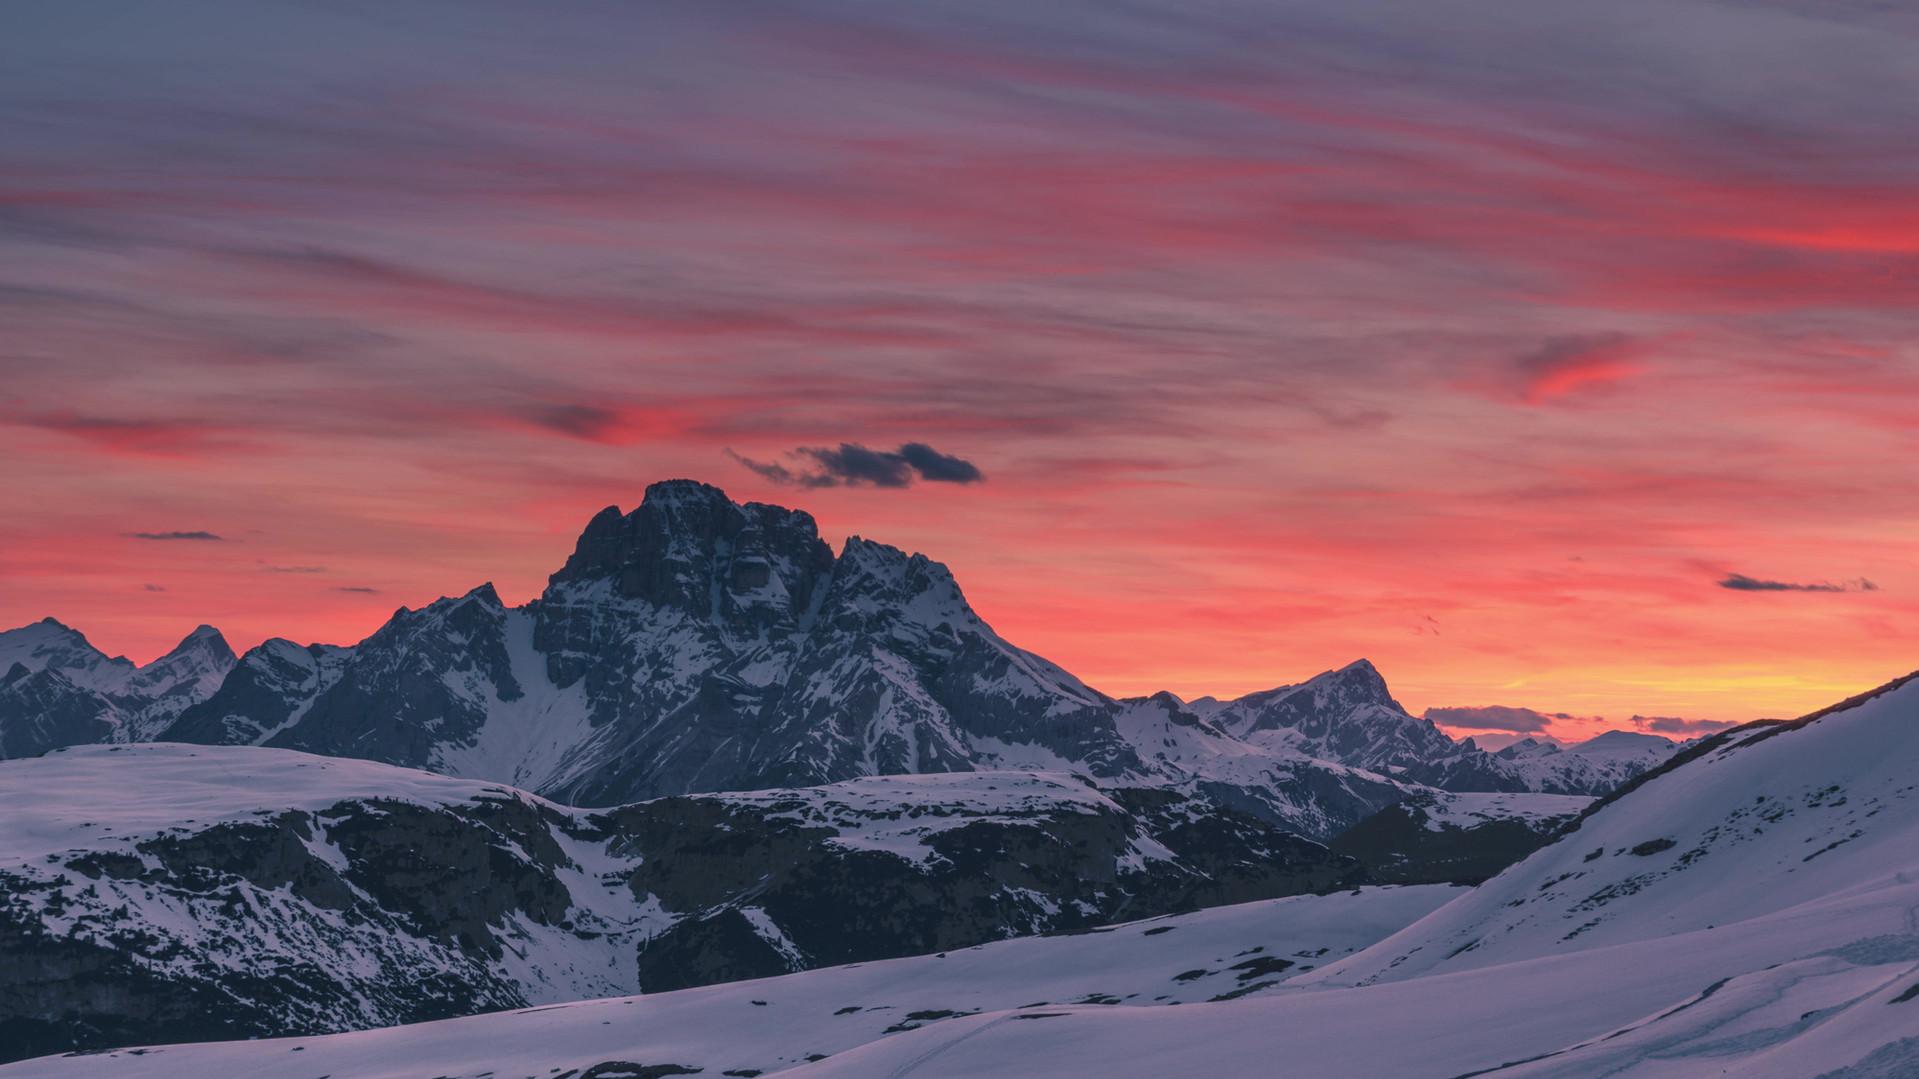 Time lapse tramonto rif. auronzo.mp4